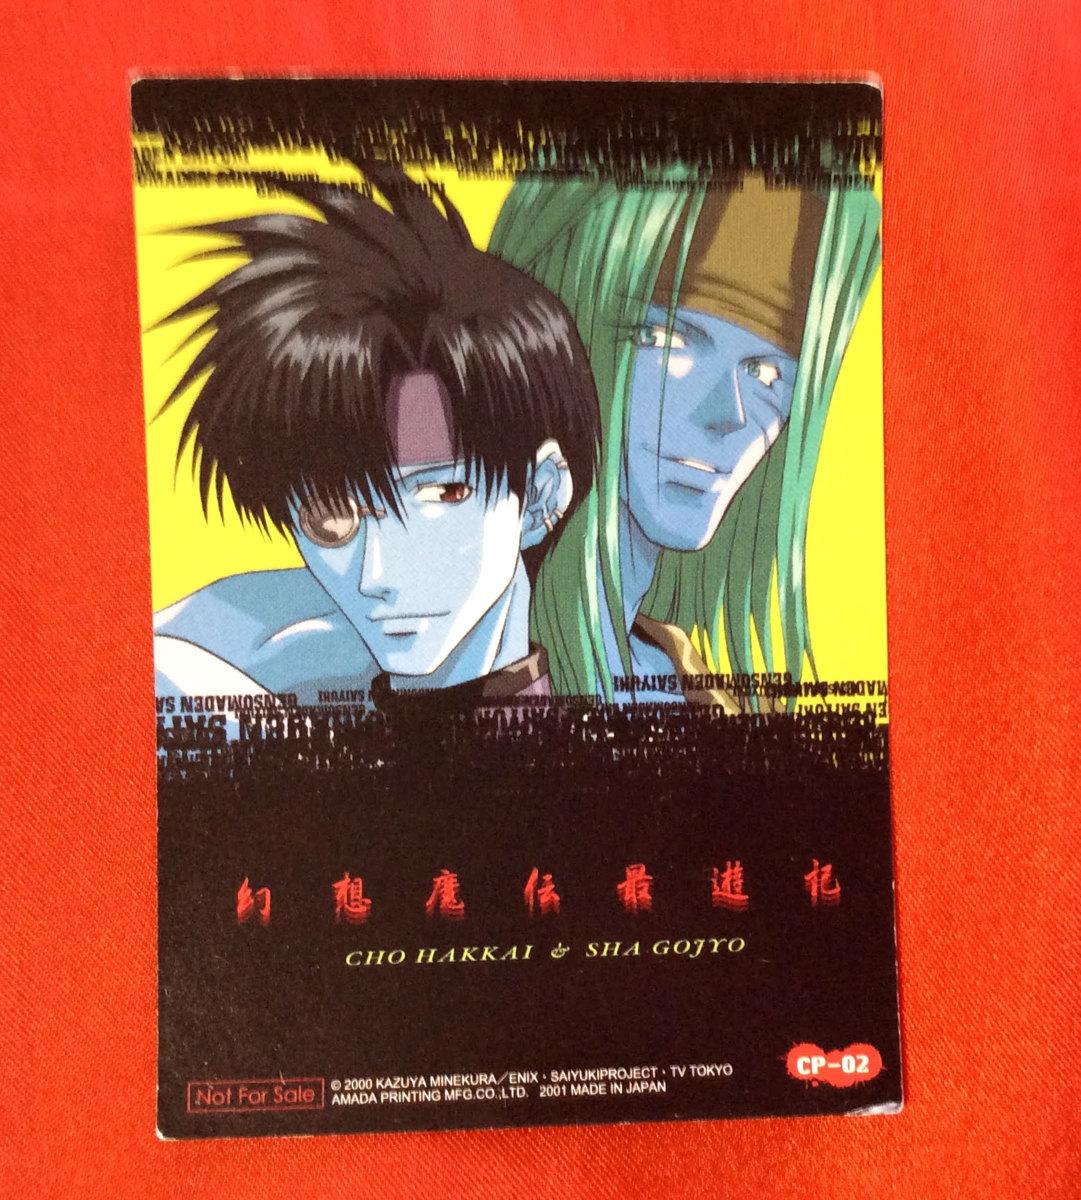 幻想魔伝最遊記 トレーディングカード CP-02 非売品 当時モノ 希少 A1377_画像2